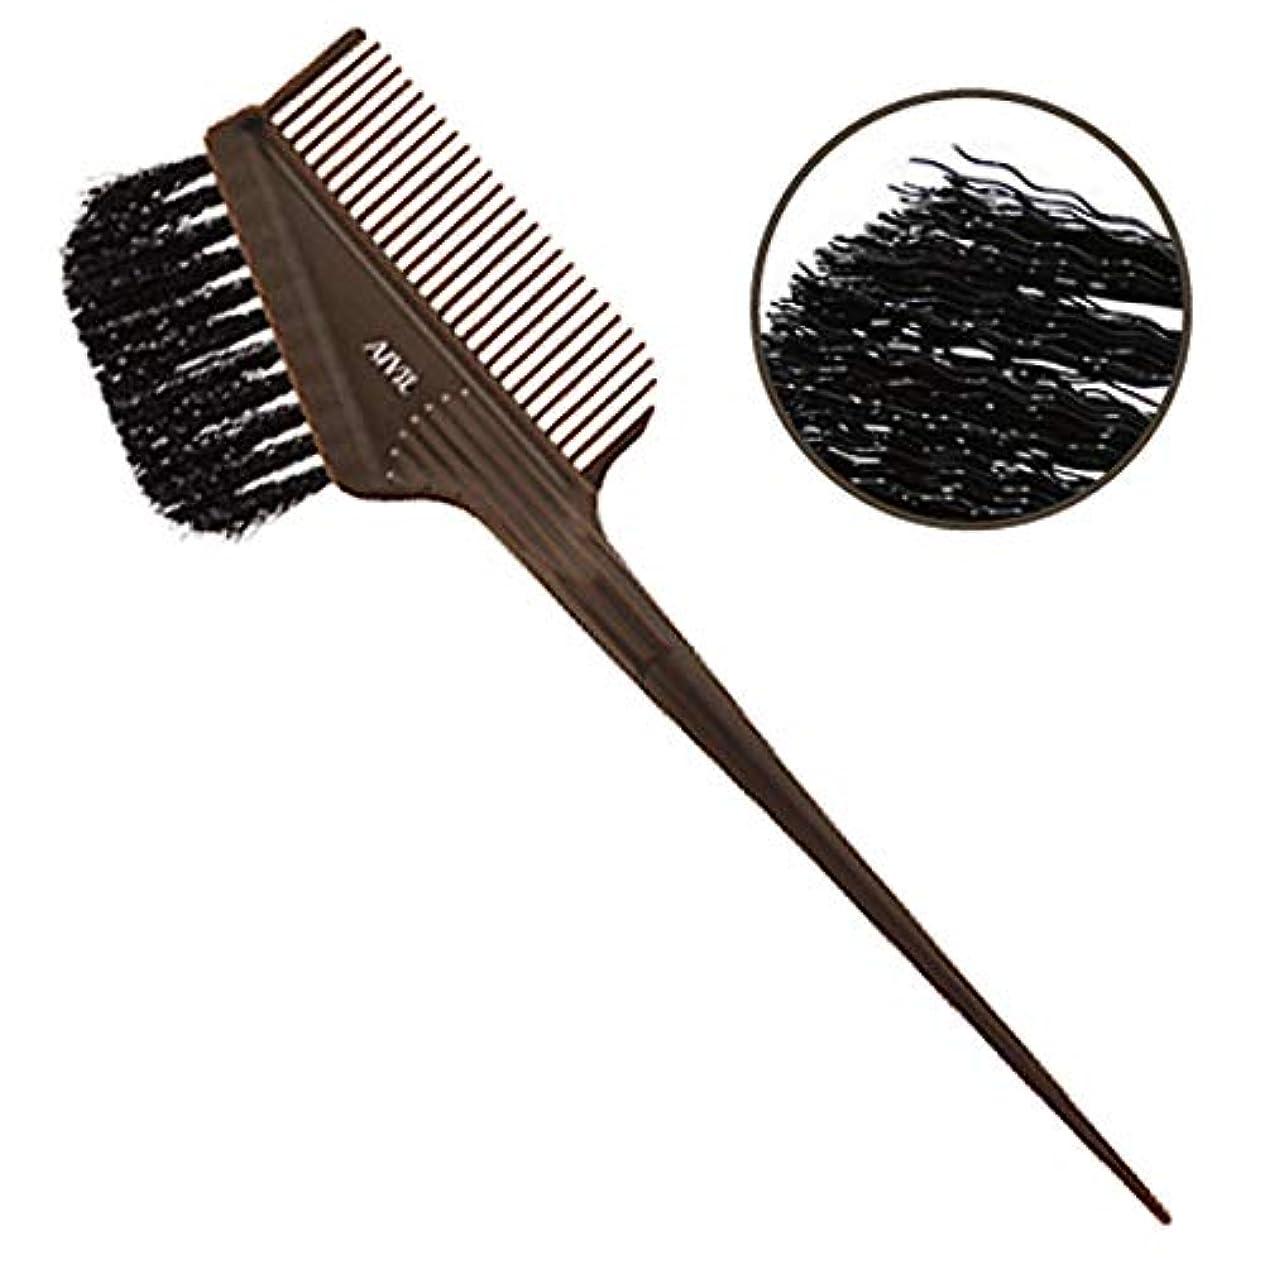 事説得本物のアイビル ヘアダイブラシ バトン ブラウン ウェーブ毛 刷毛/カラー剤/毛染めブラシ AIVIL